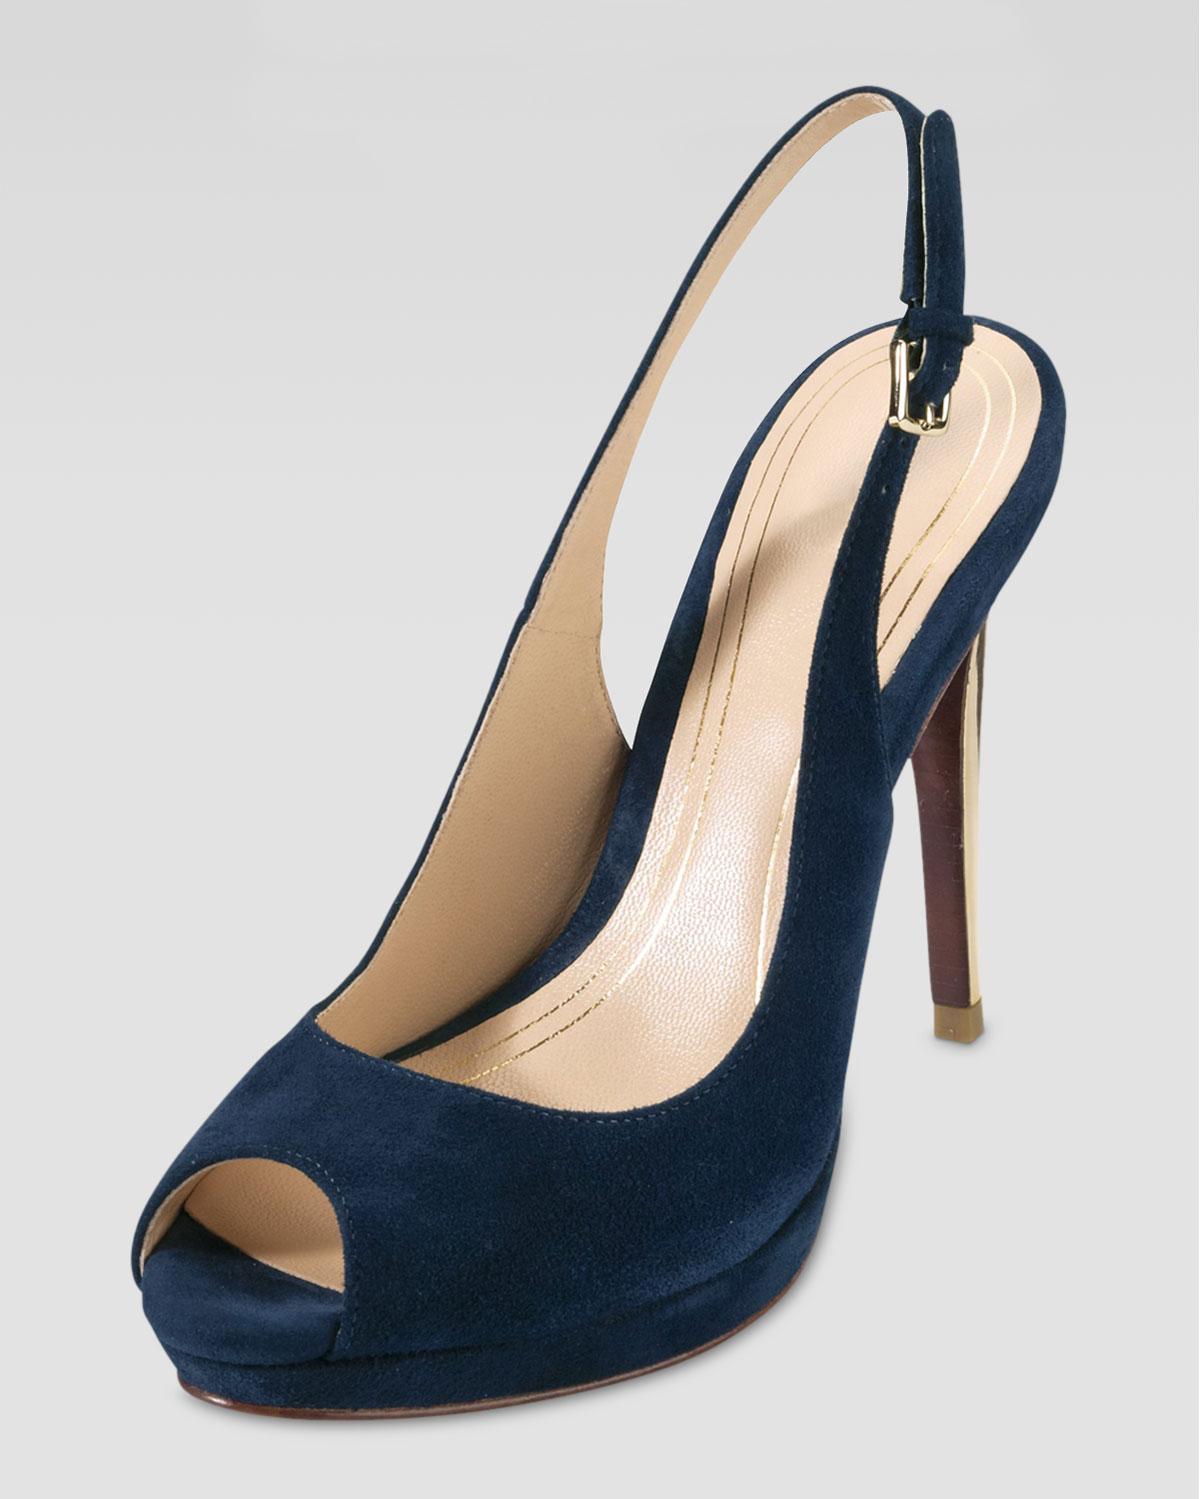 Blue Suede Platform Shoes